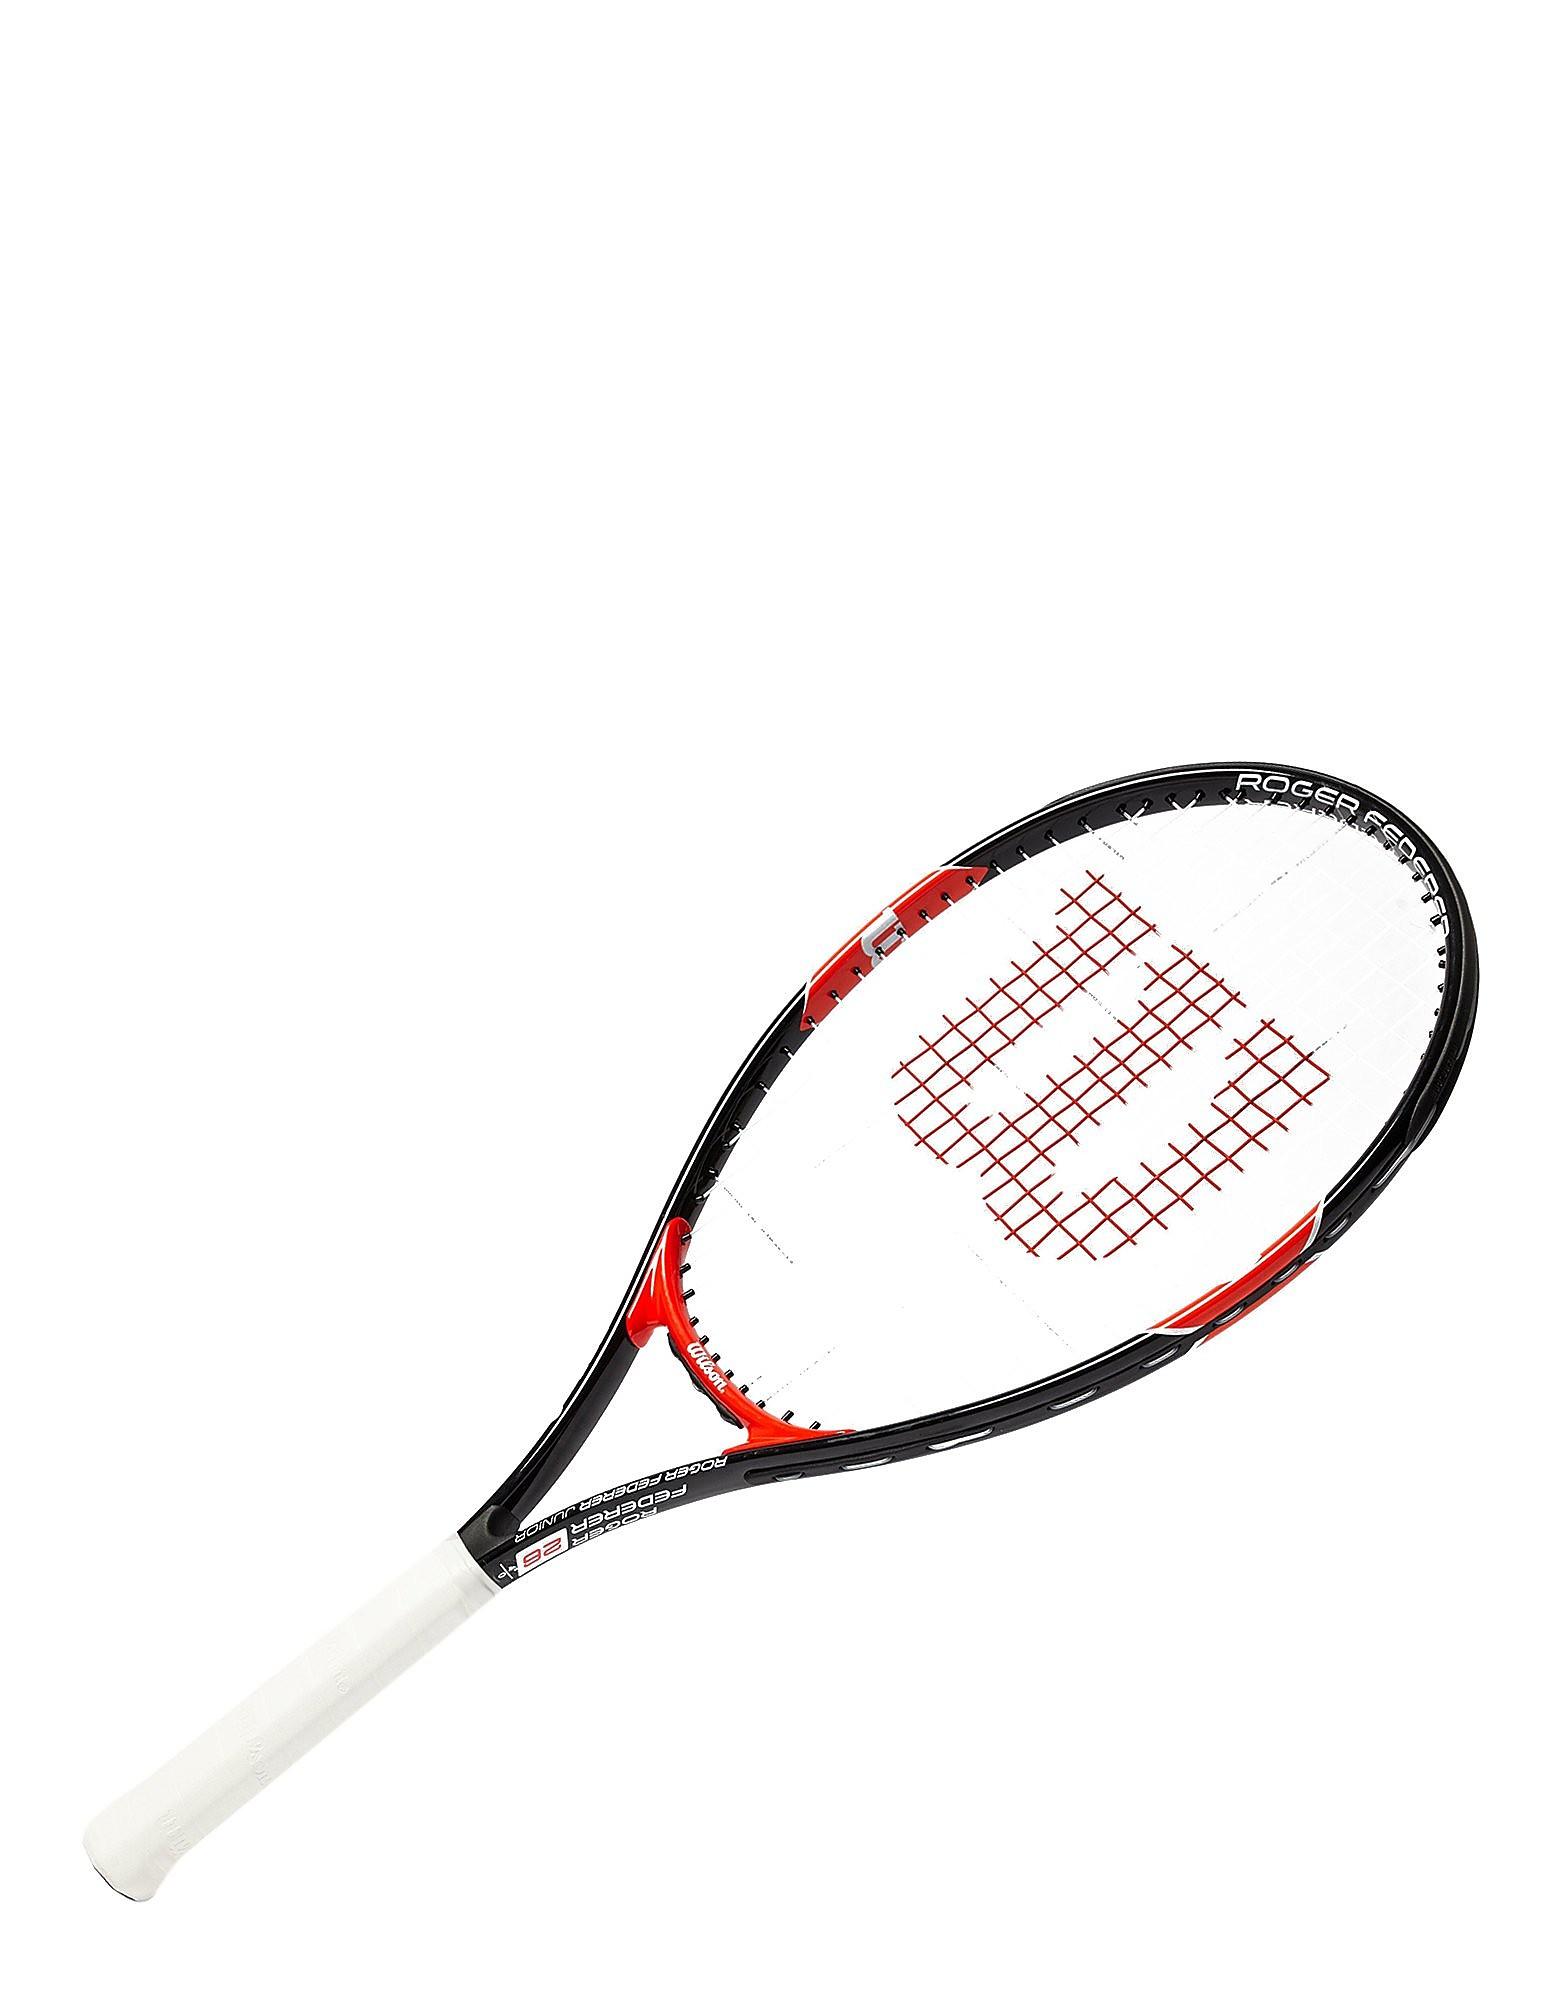 Wilson Roger Federer 26 Junior Tennis Racket